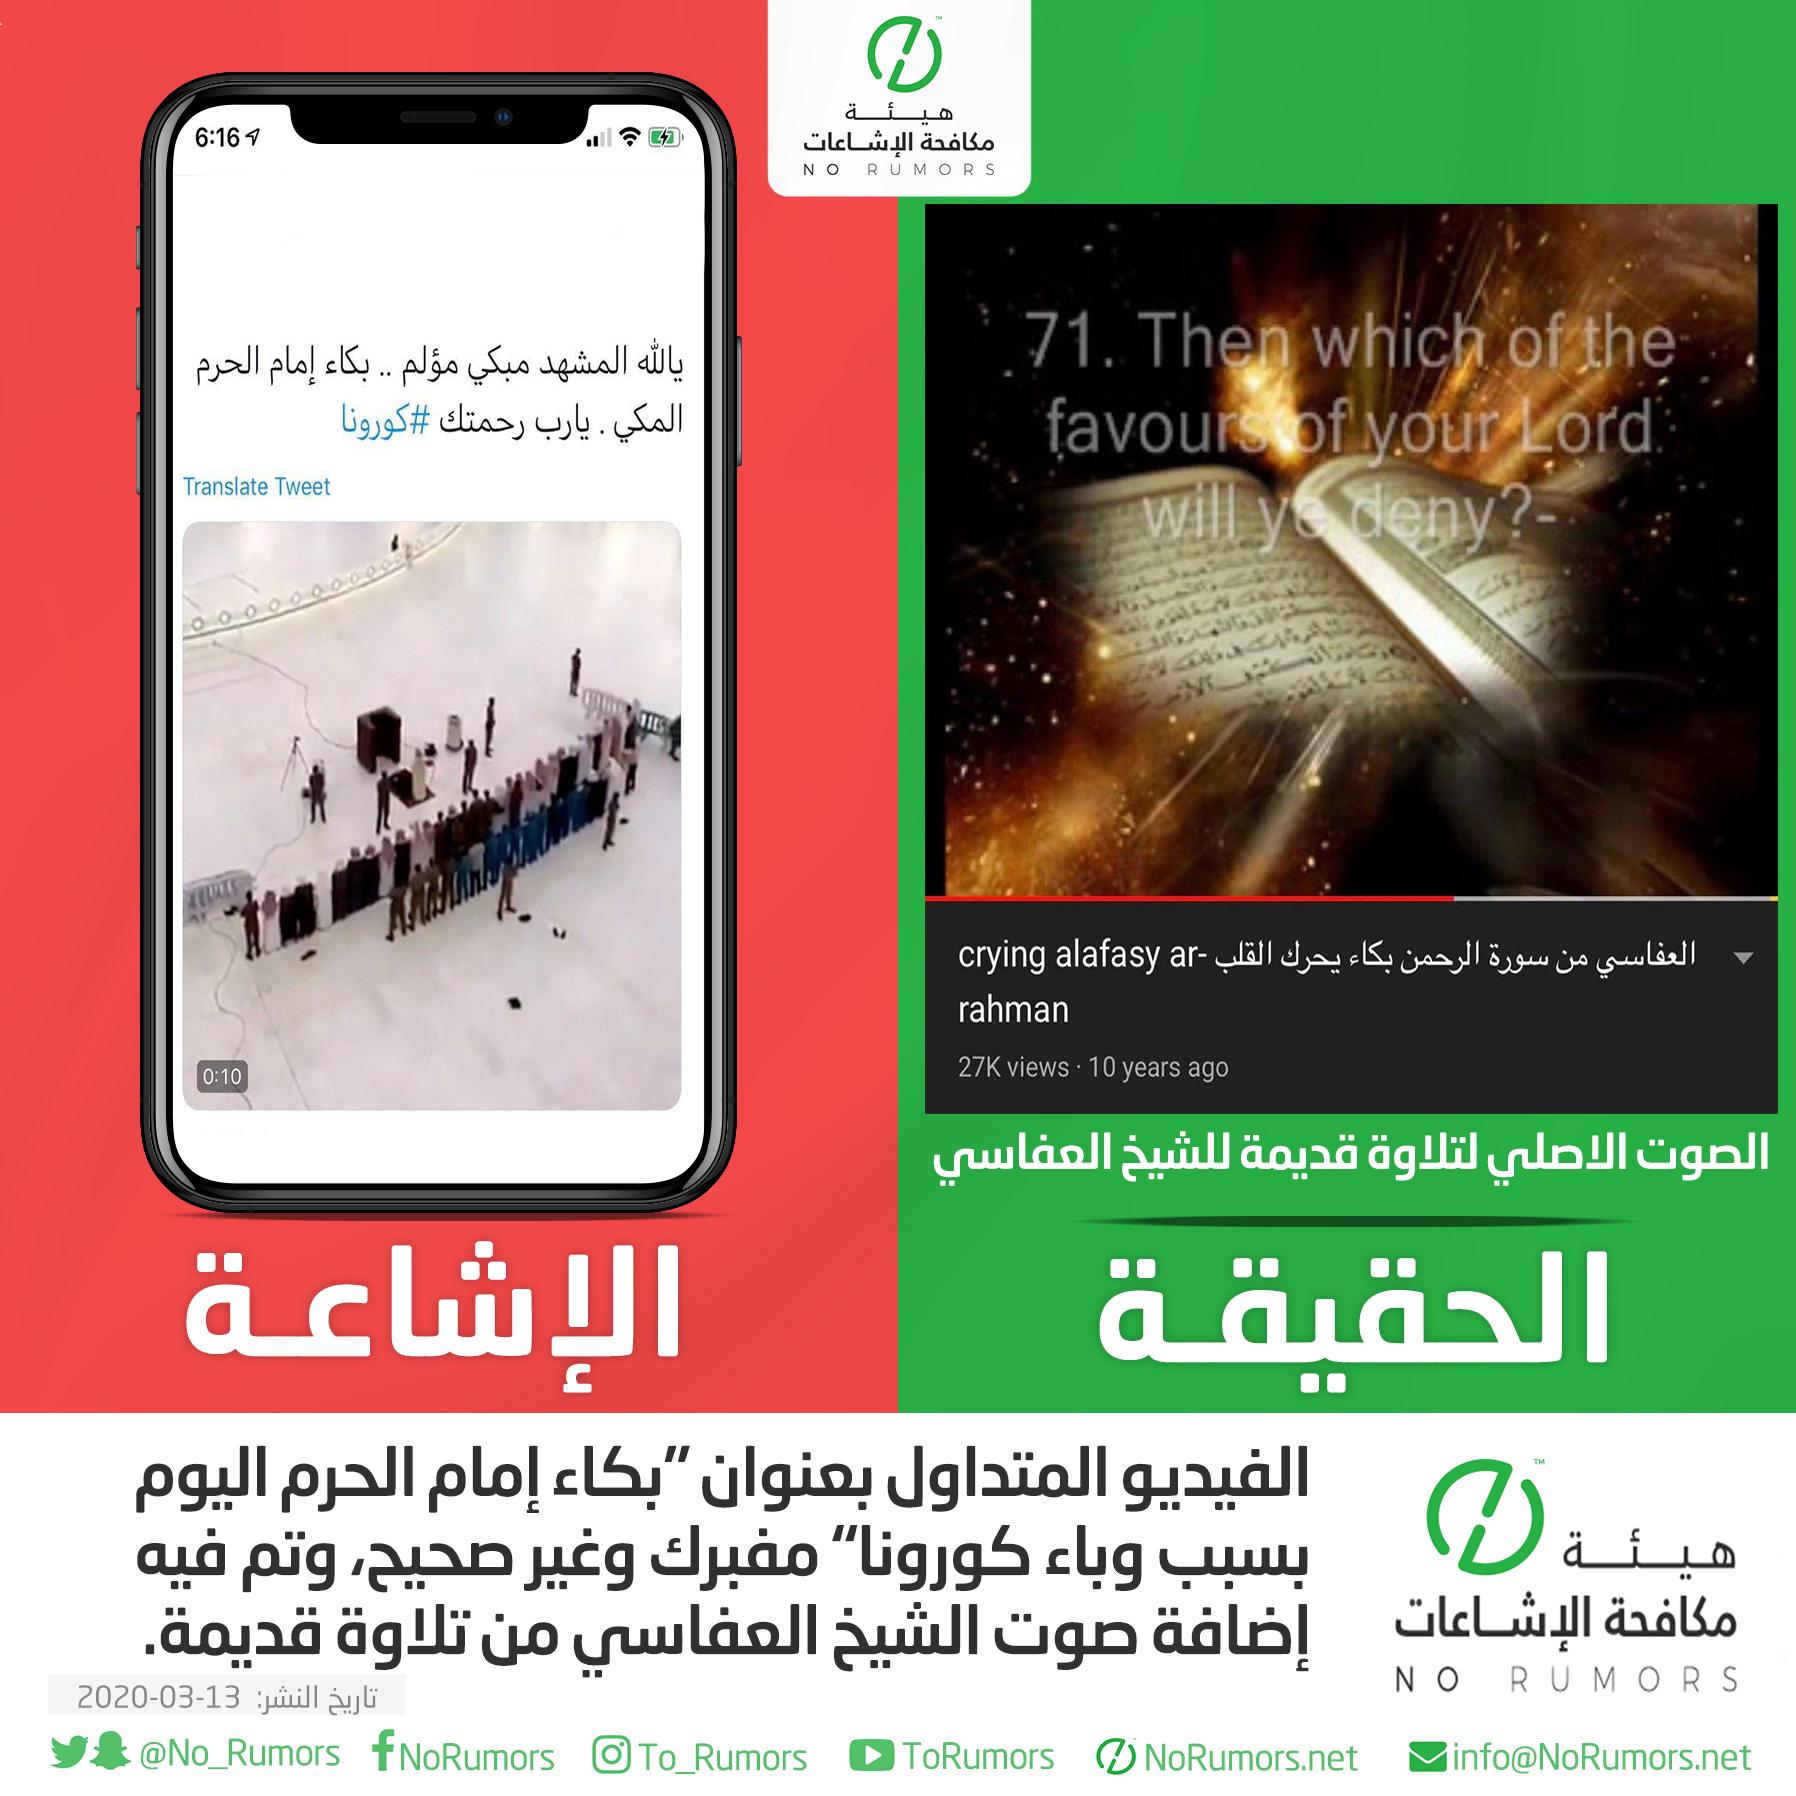 حقيقة بكاء إمام الحرم اليوم بسبب وباء كورونا